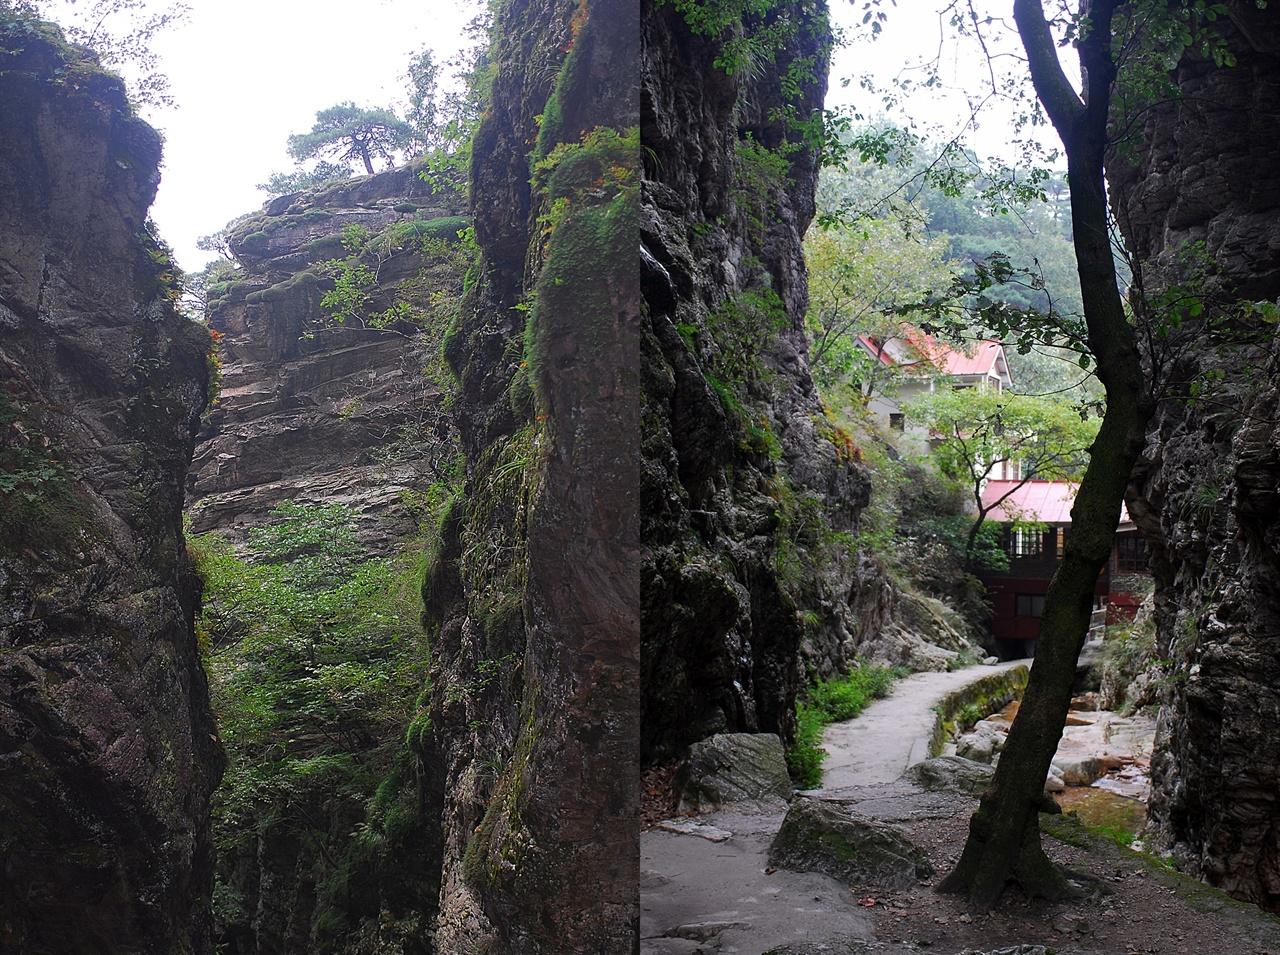 등선폭포 협곡 모습  금강굴이라고 불리는 등선폭포 가는 길. 높은 바위 벼랑이 양옆에 바짝 붙어 있어 협곡을 이룬다.